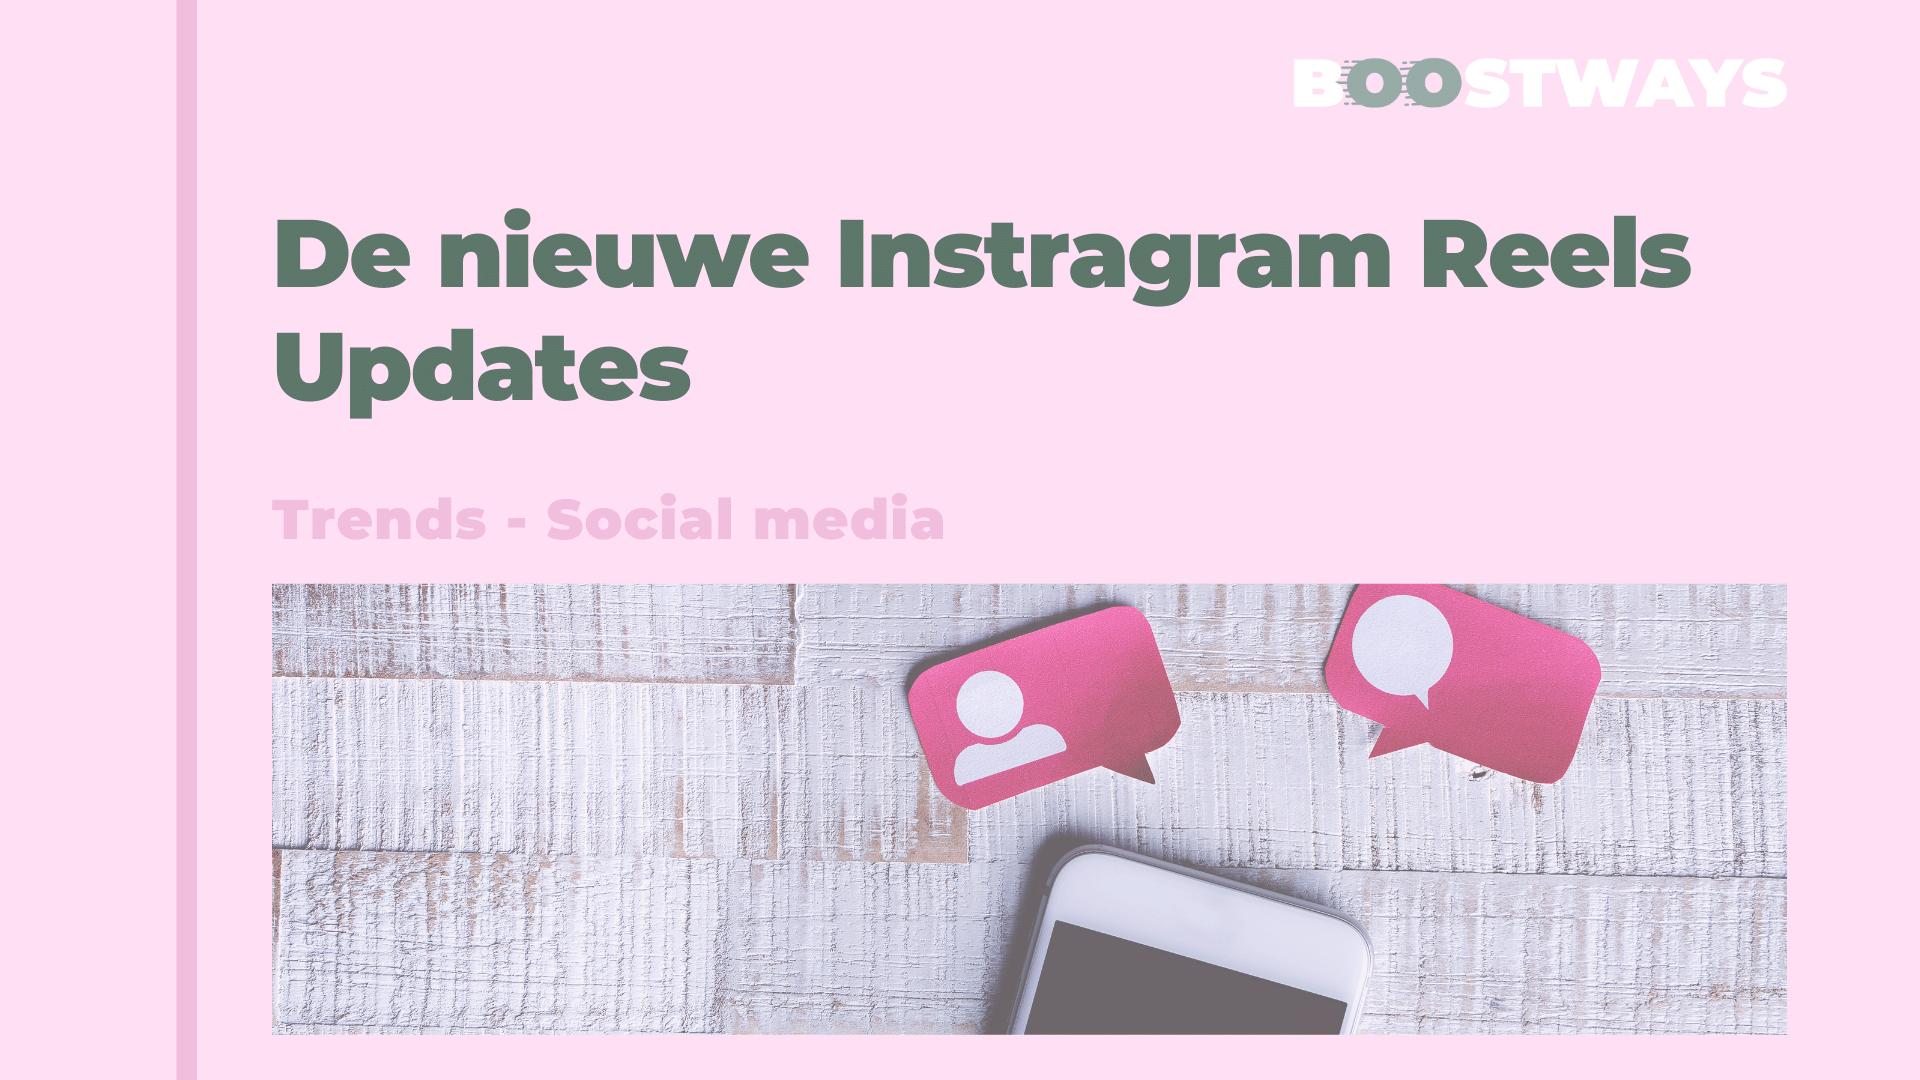 De nieuwe Instagram Reels updates!